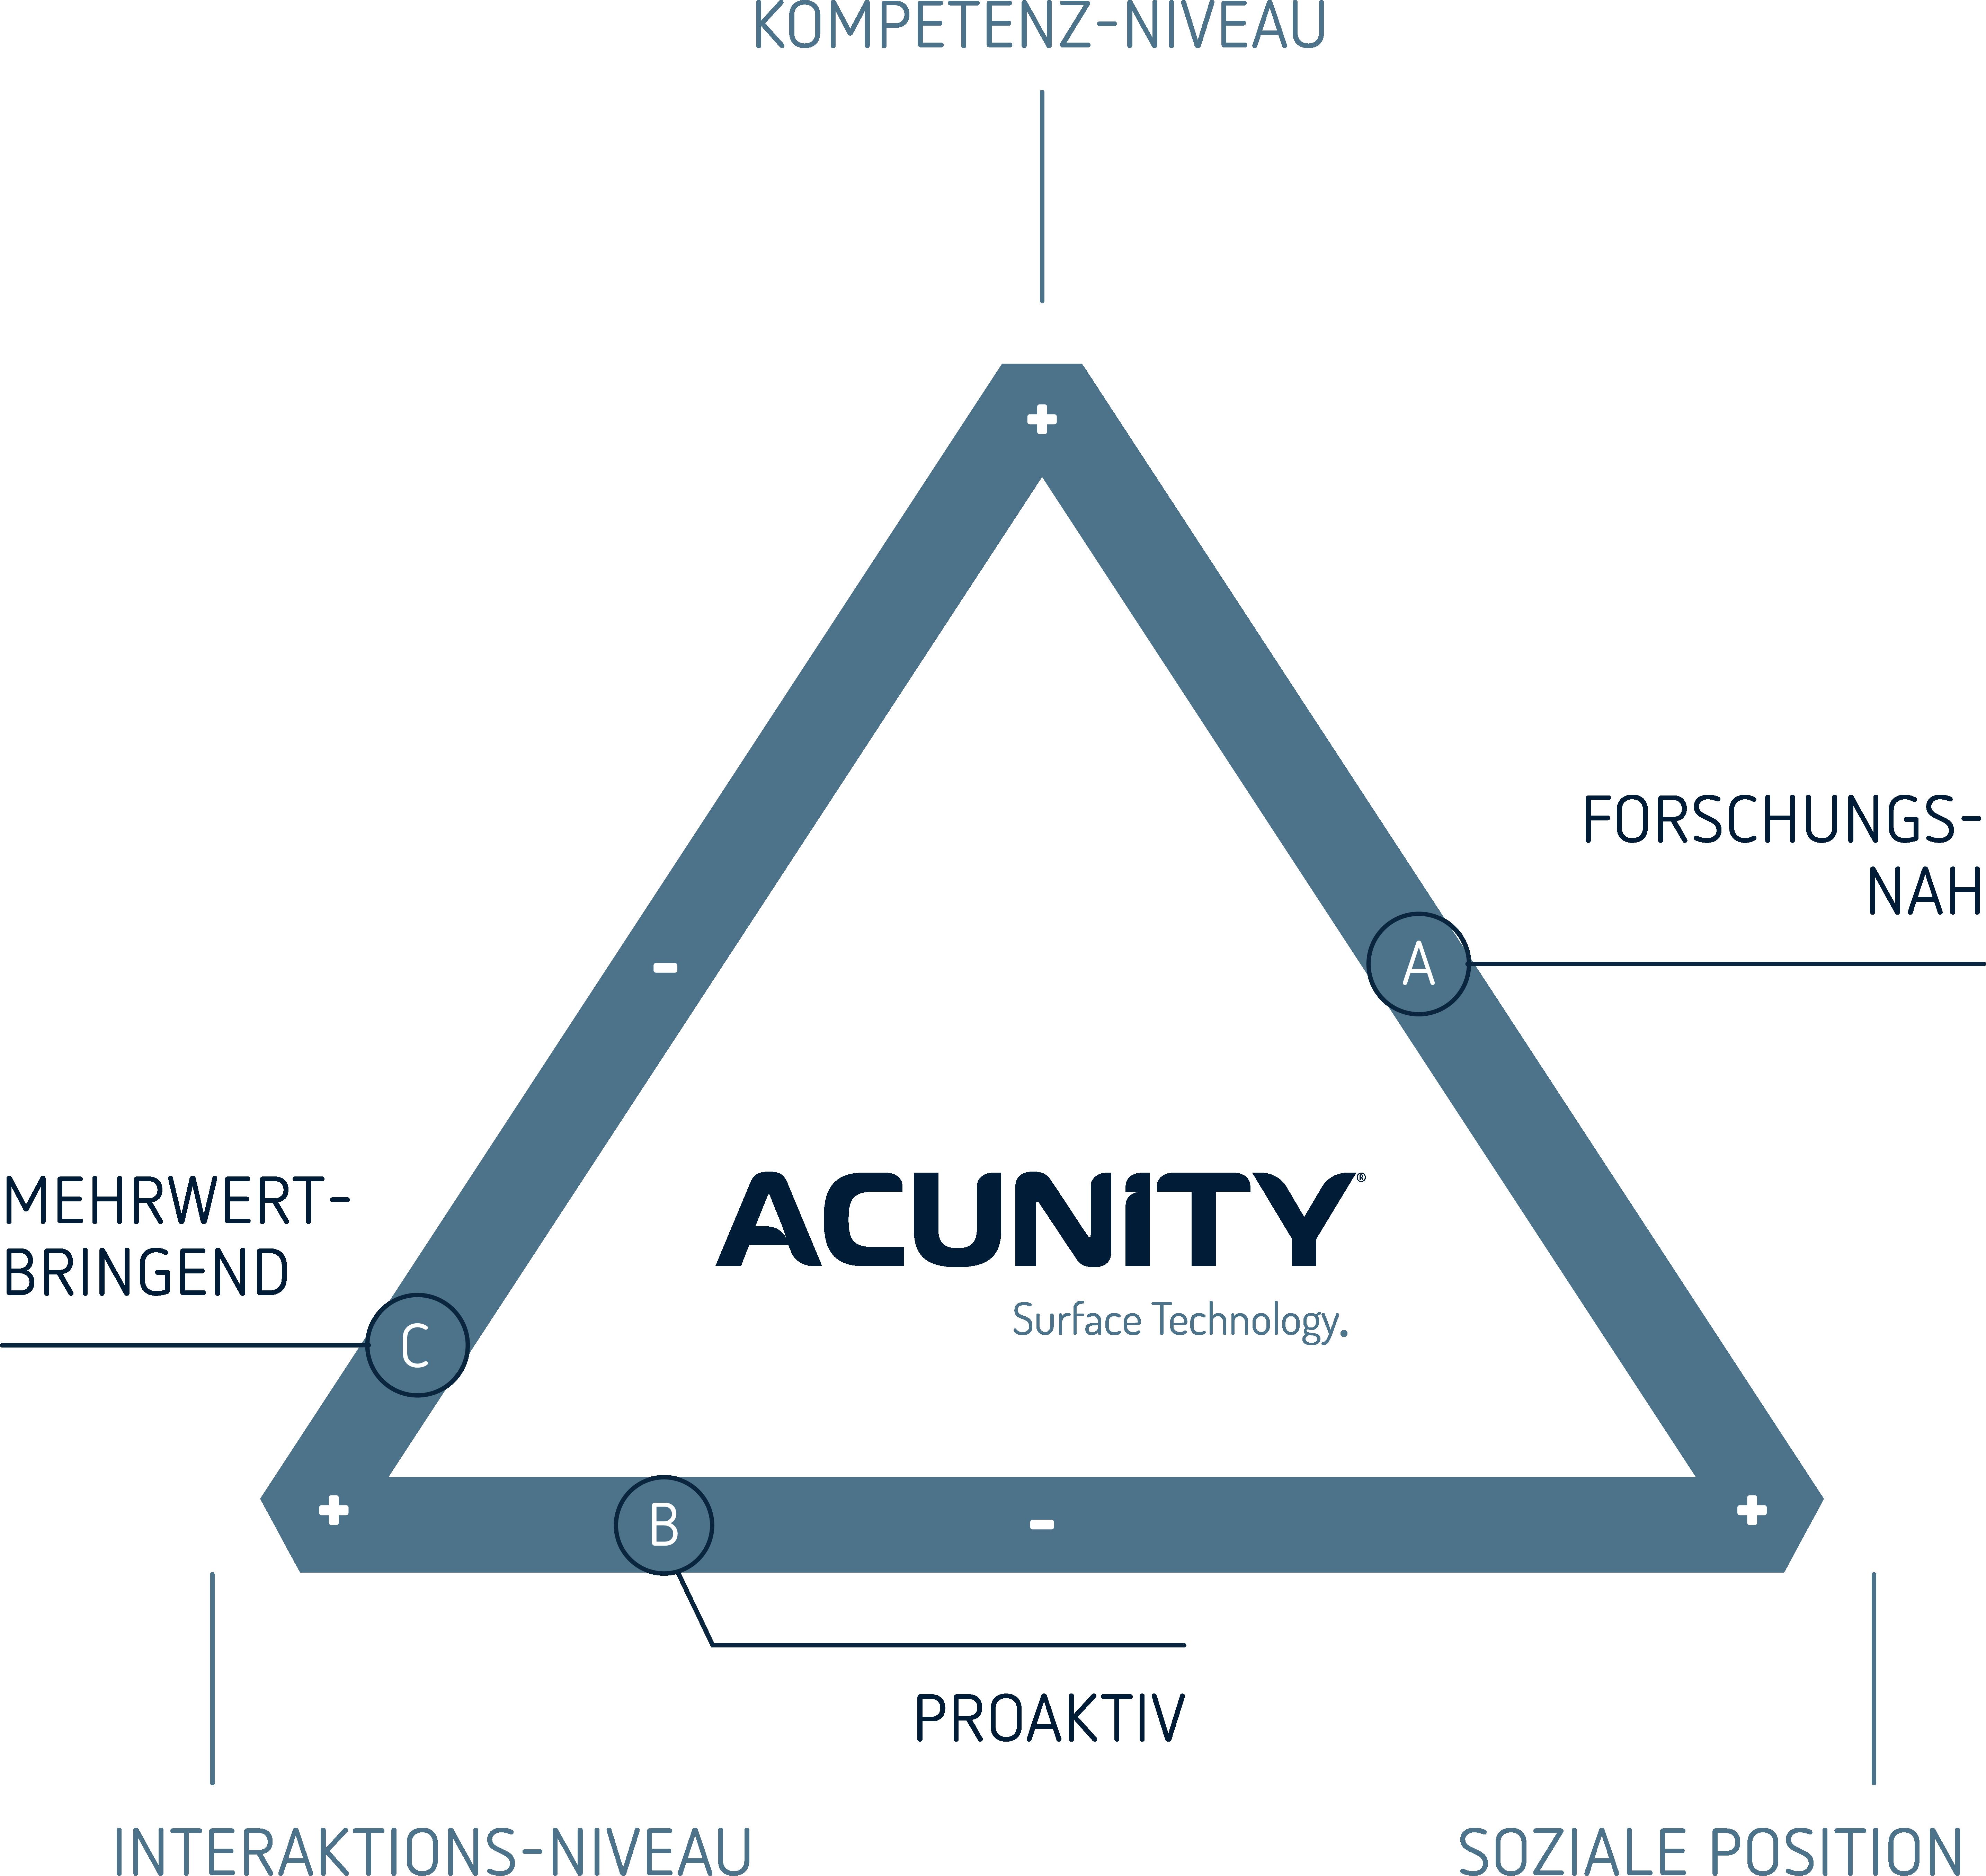 Acunity-Markendreieck@2x